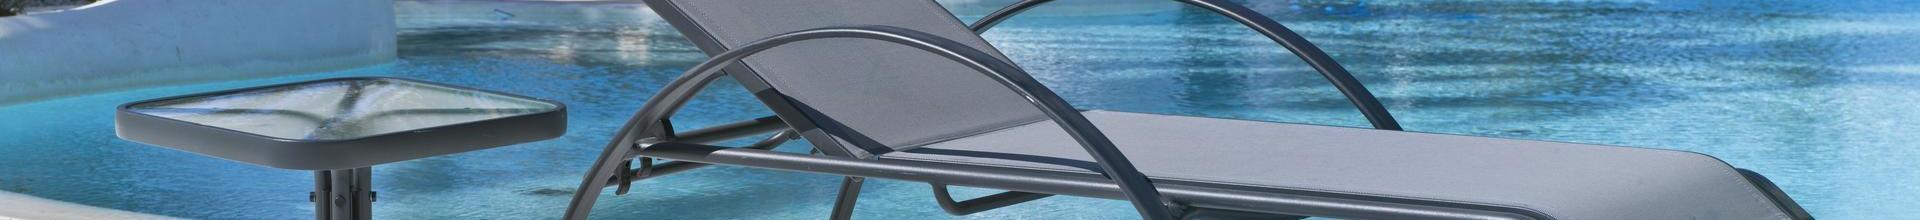 Horizon XL Sun Lounger